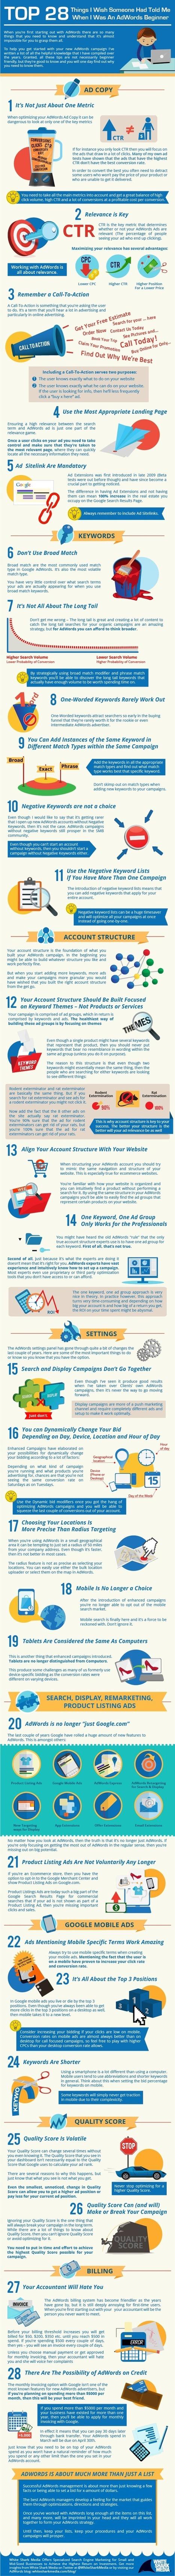 28 astuces pour les débutants sur Adwords [Infographie] | Time to Learn | Scoop.it